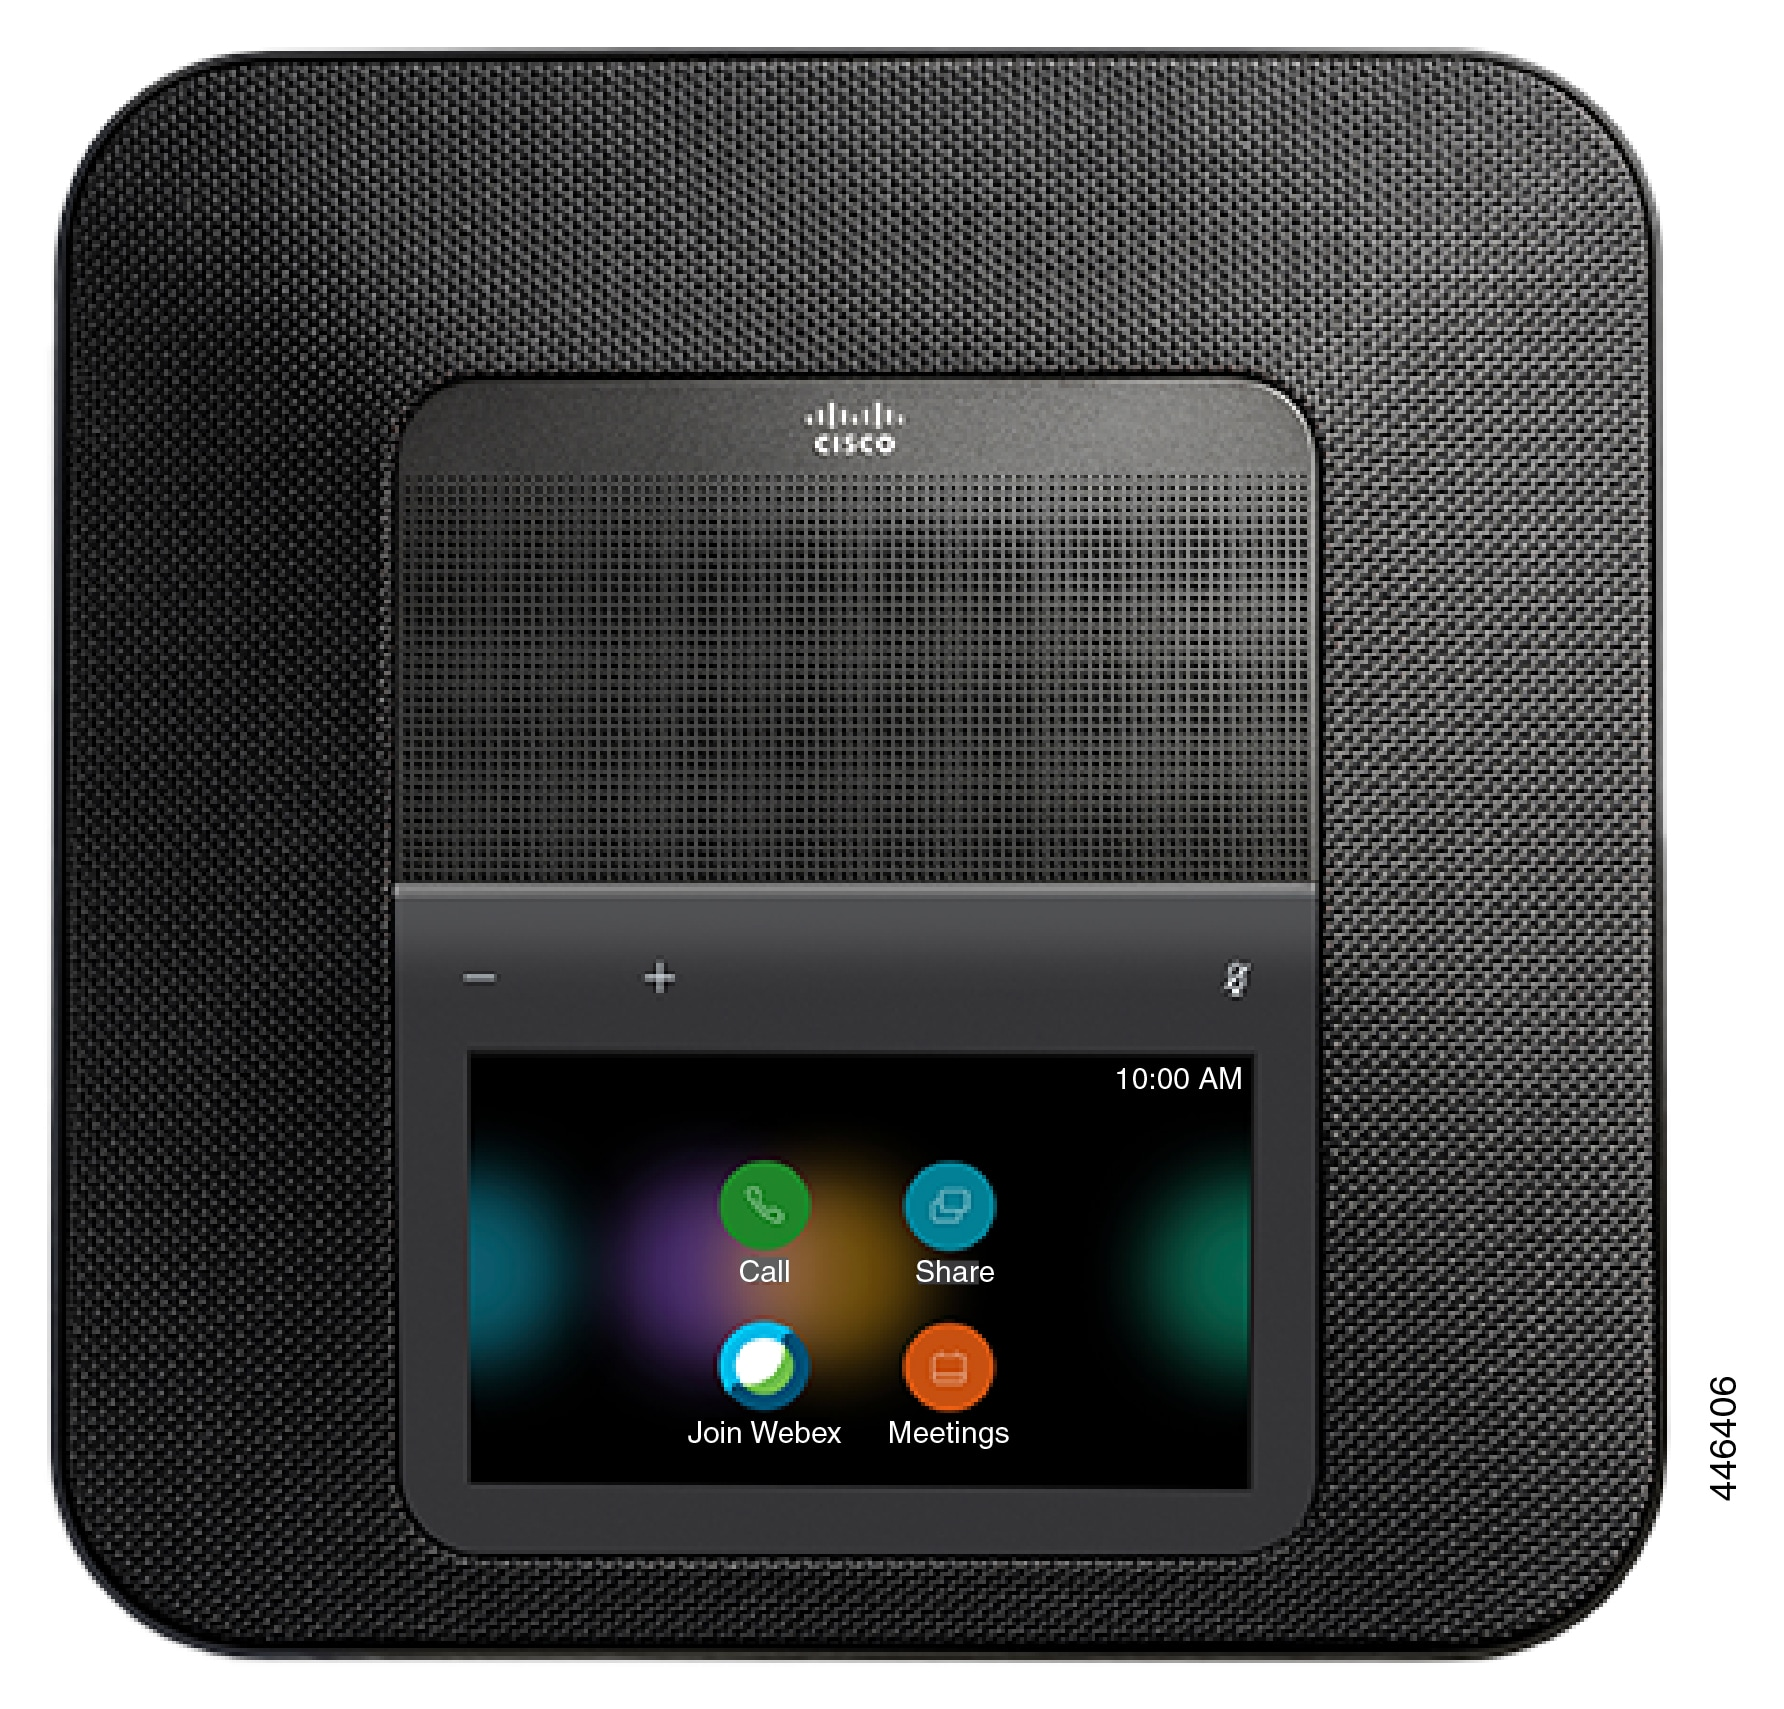 ホーム画面を使用した Cisco Webex 会議電話のトップビュー